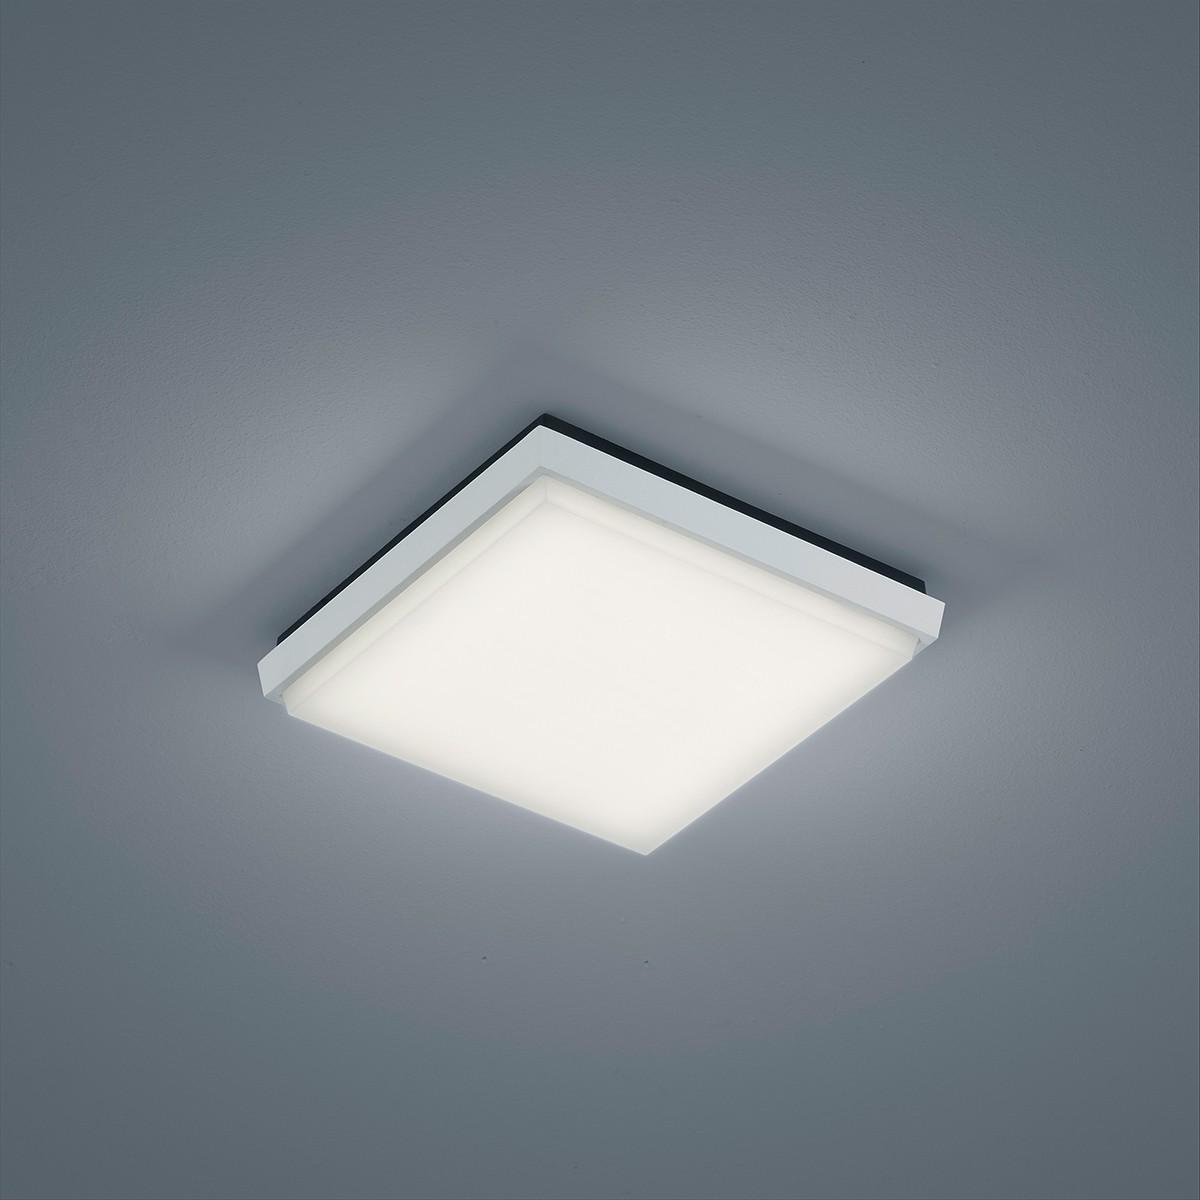 Helestra Sola LED Deckenleuchte, 24 x 24 cm, weiß matt